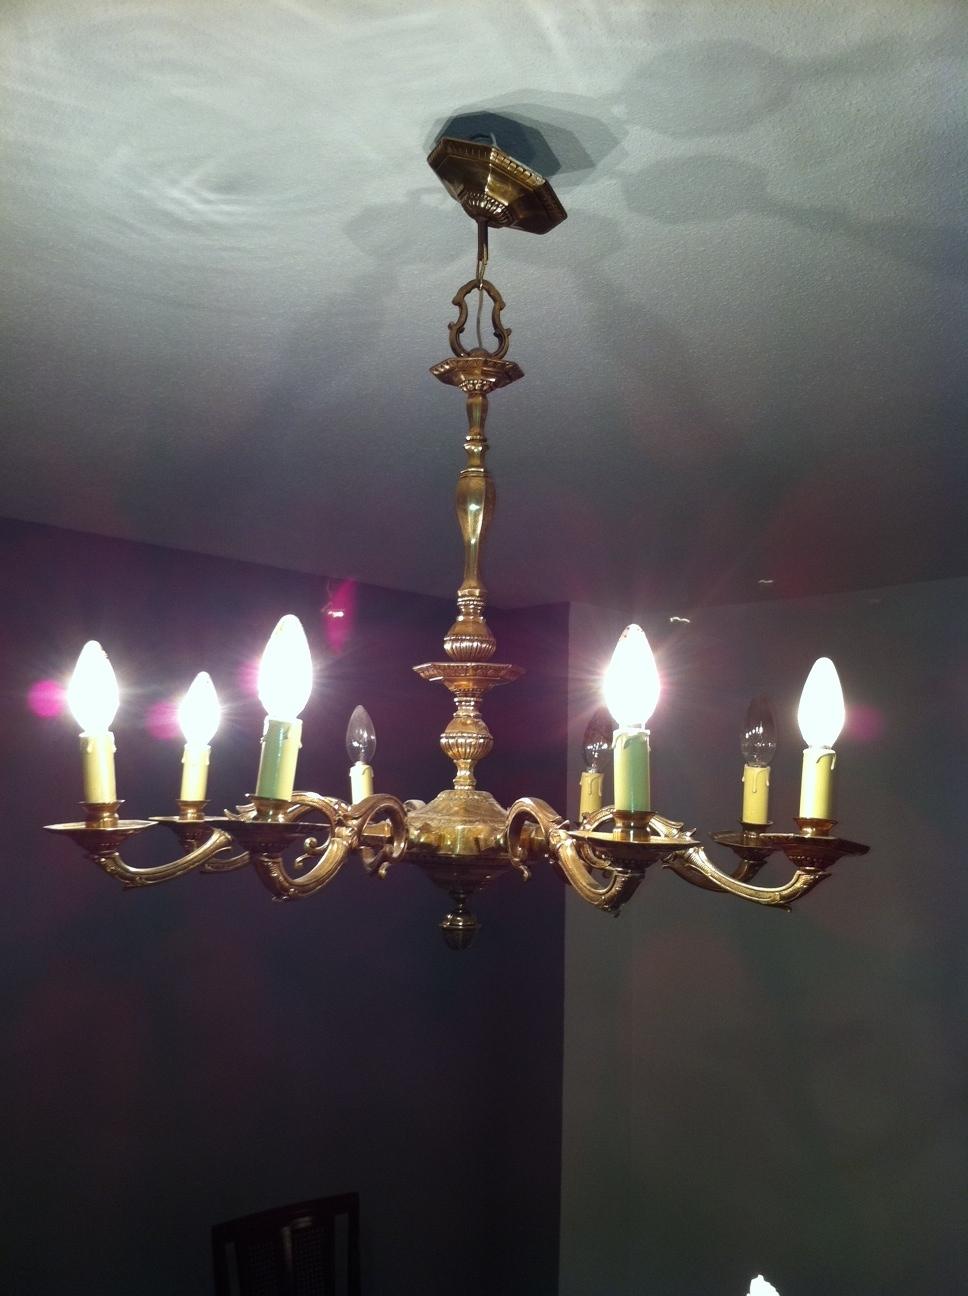 Restauracion muebles compra venta de lamparas antiguas - Venta de lamparas antiguas ...